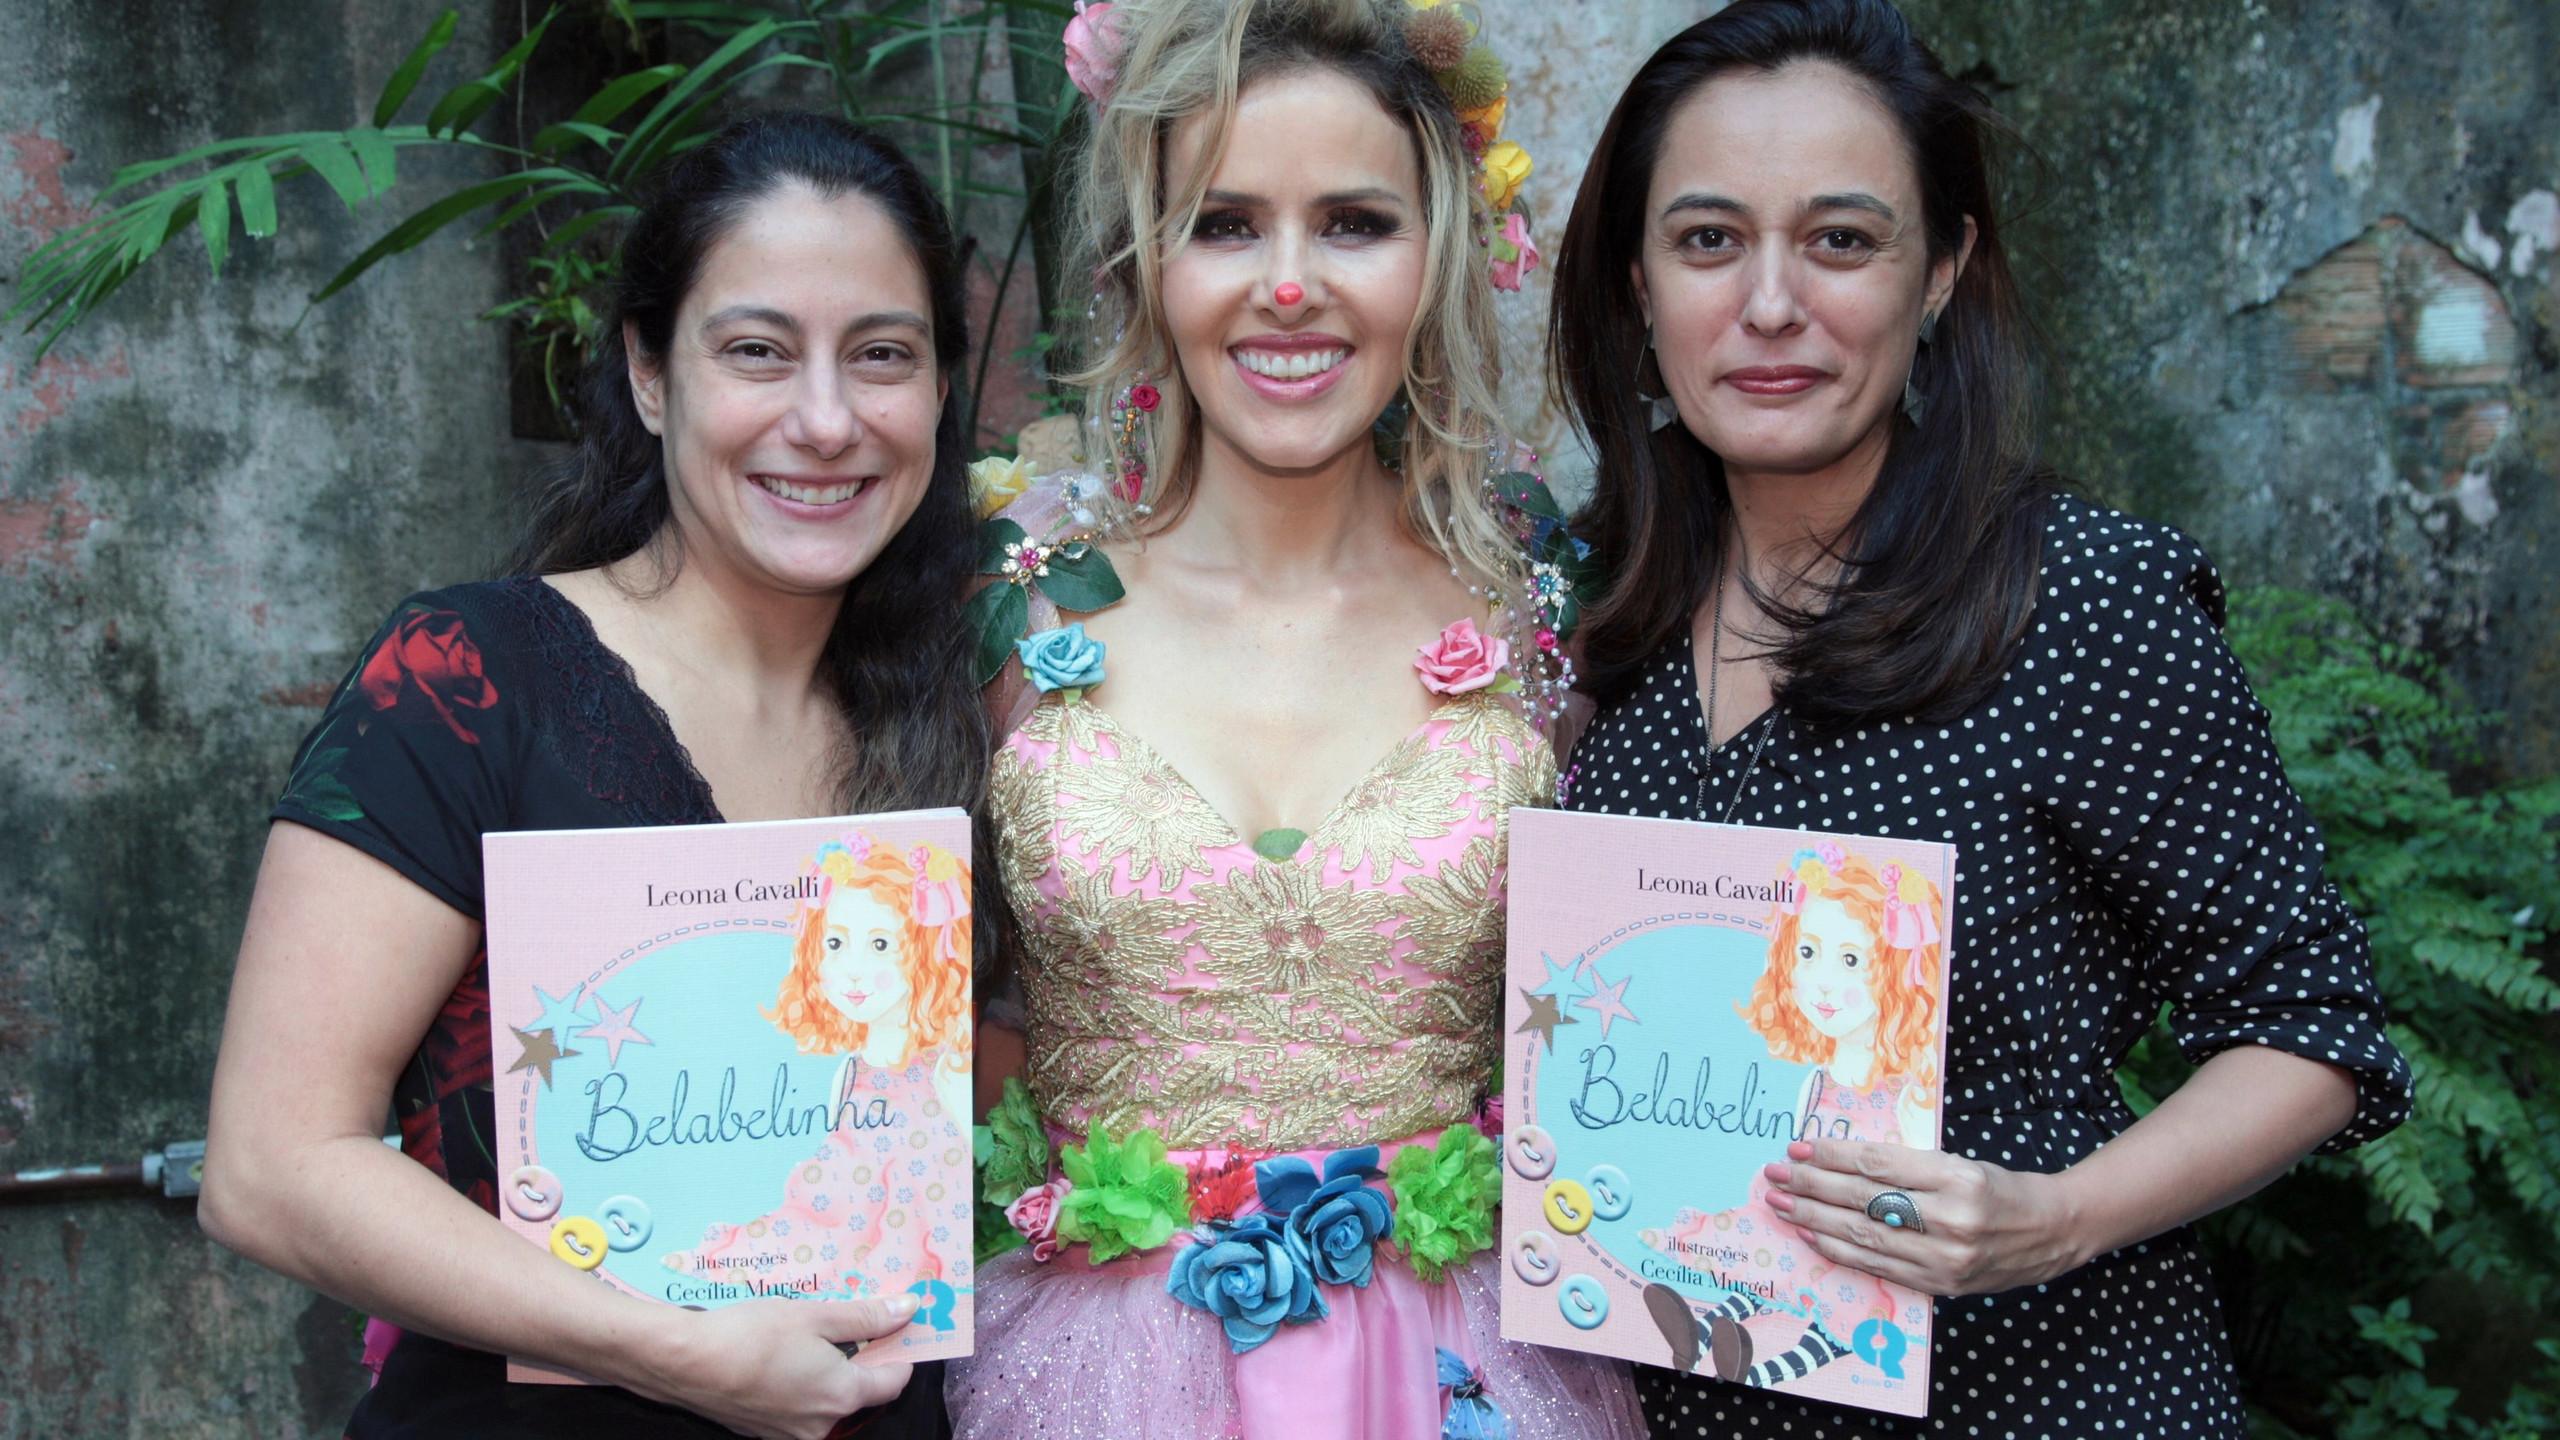 Patricia Capella, Leona Cavalli e Tatiana Kely